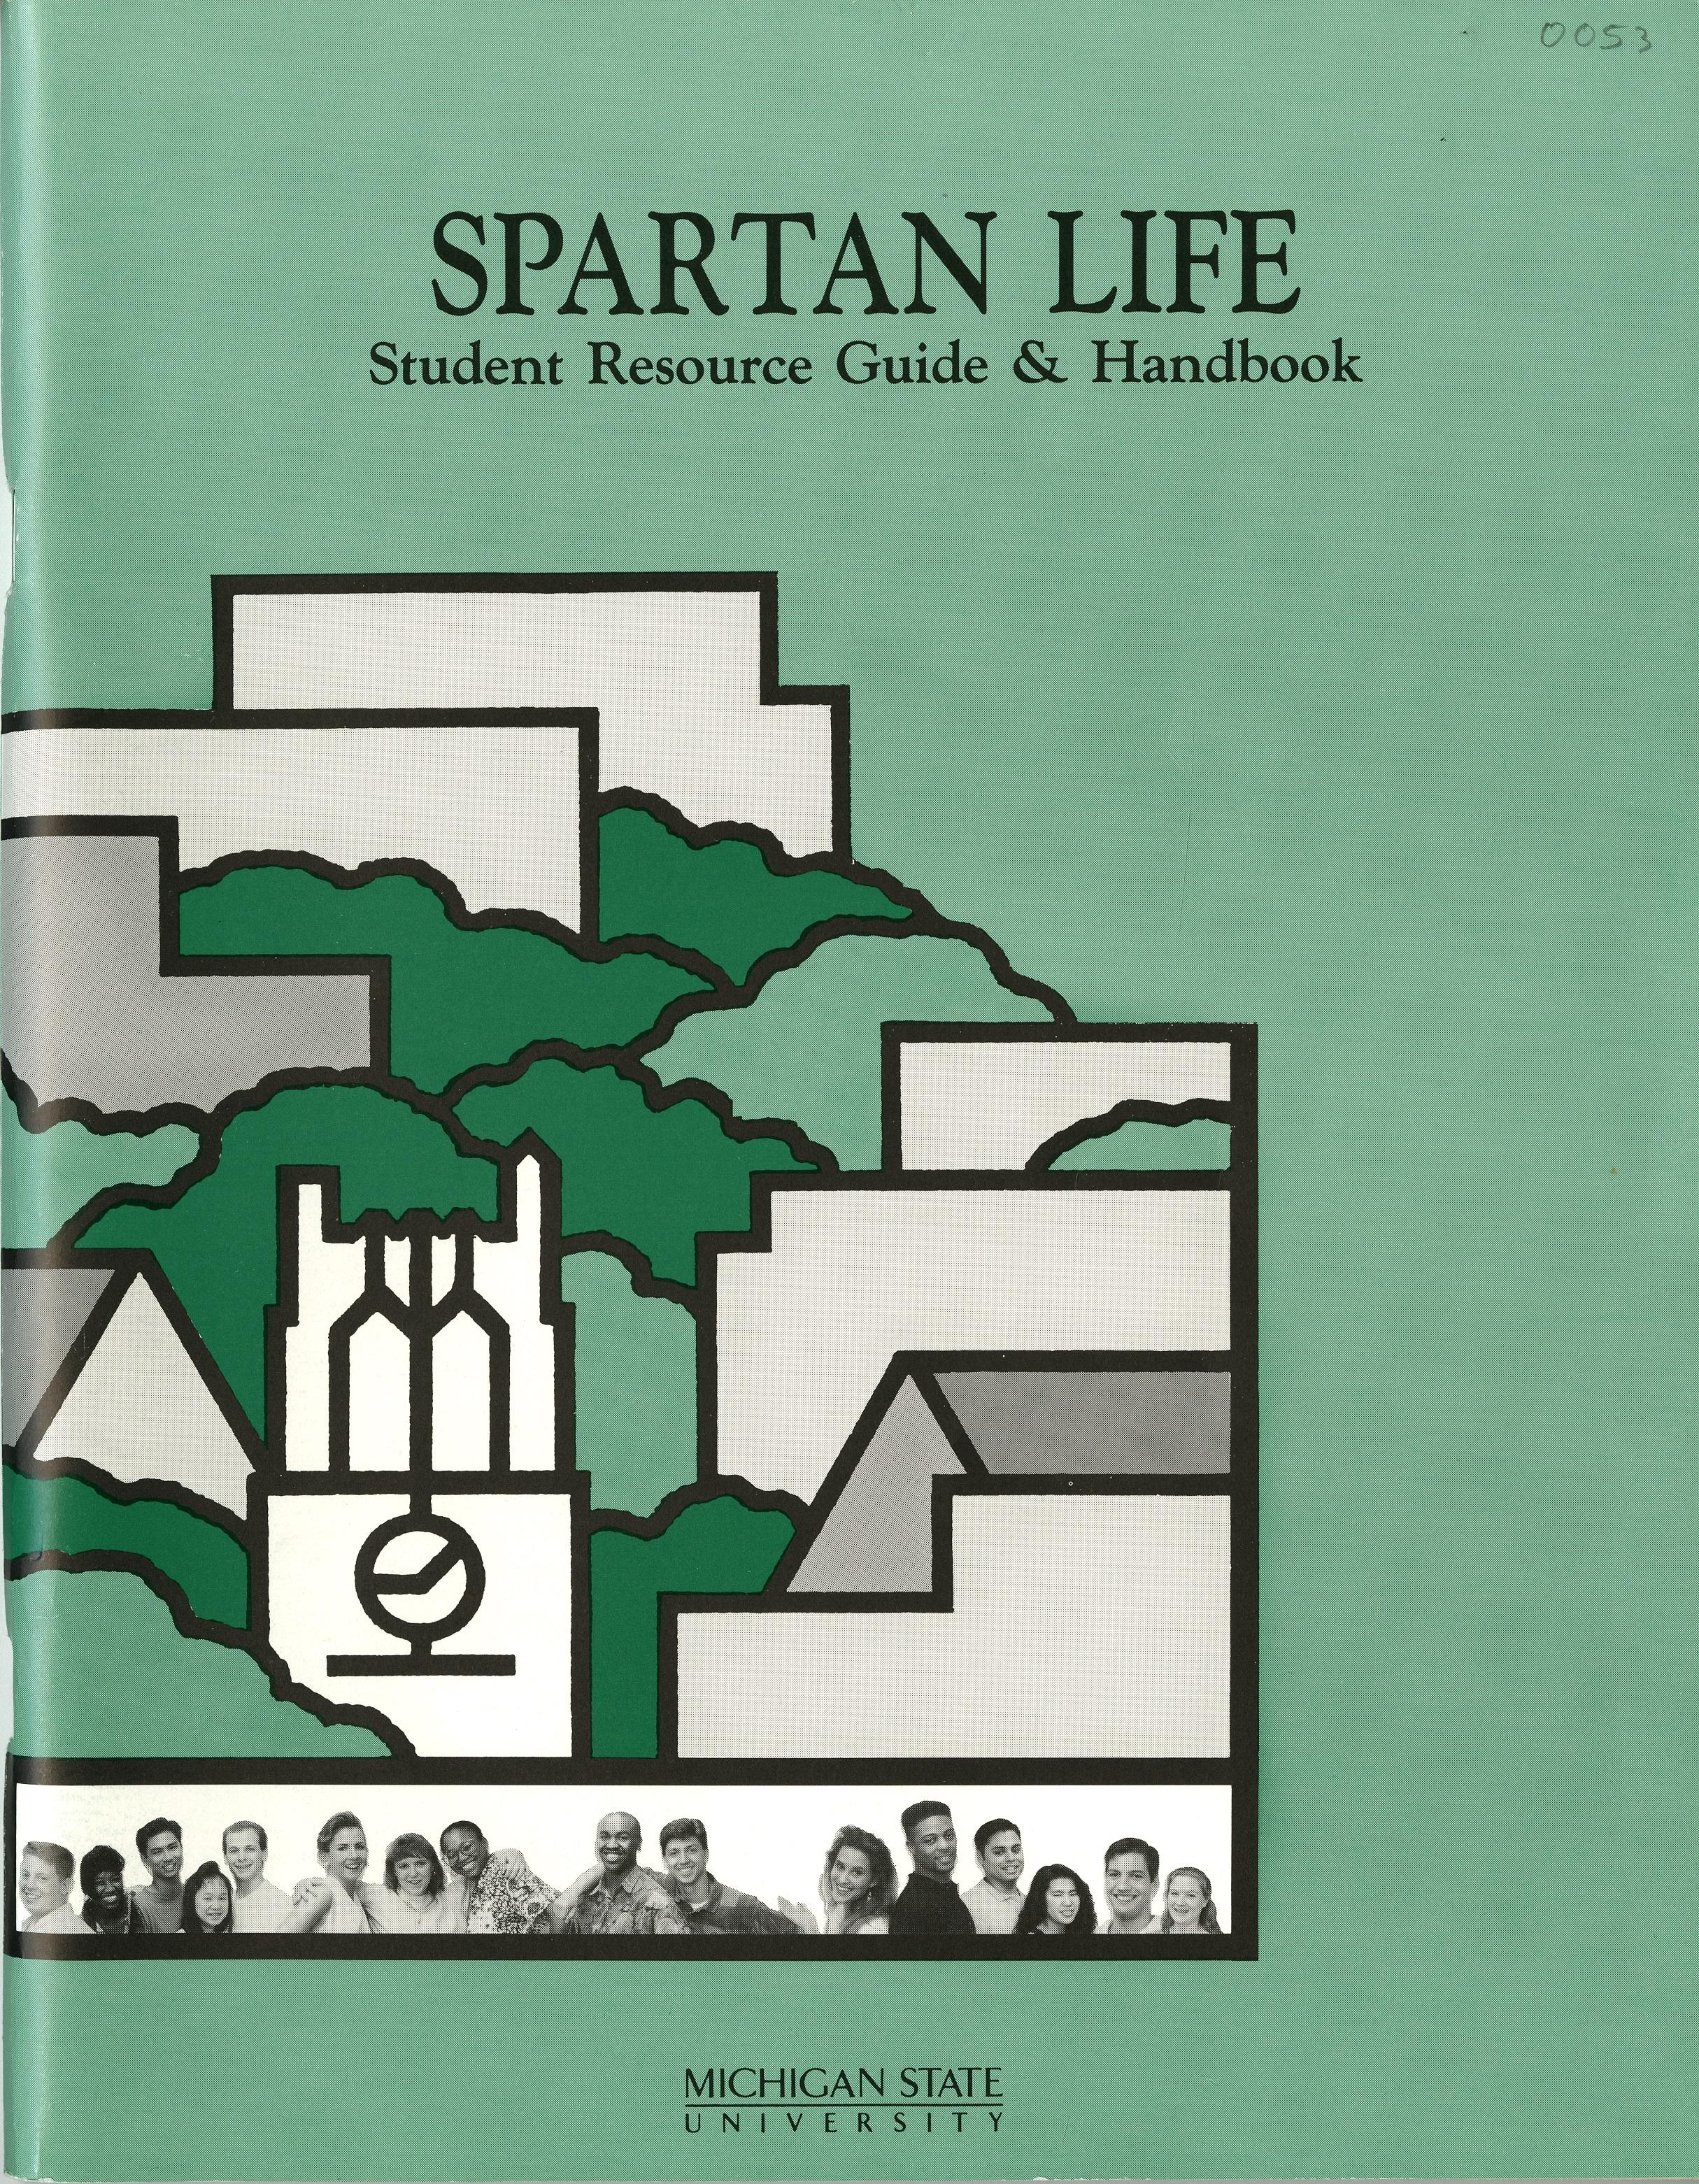 Student Handbook, 1994